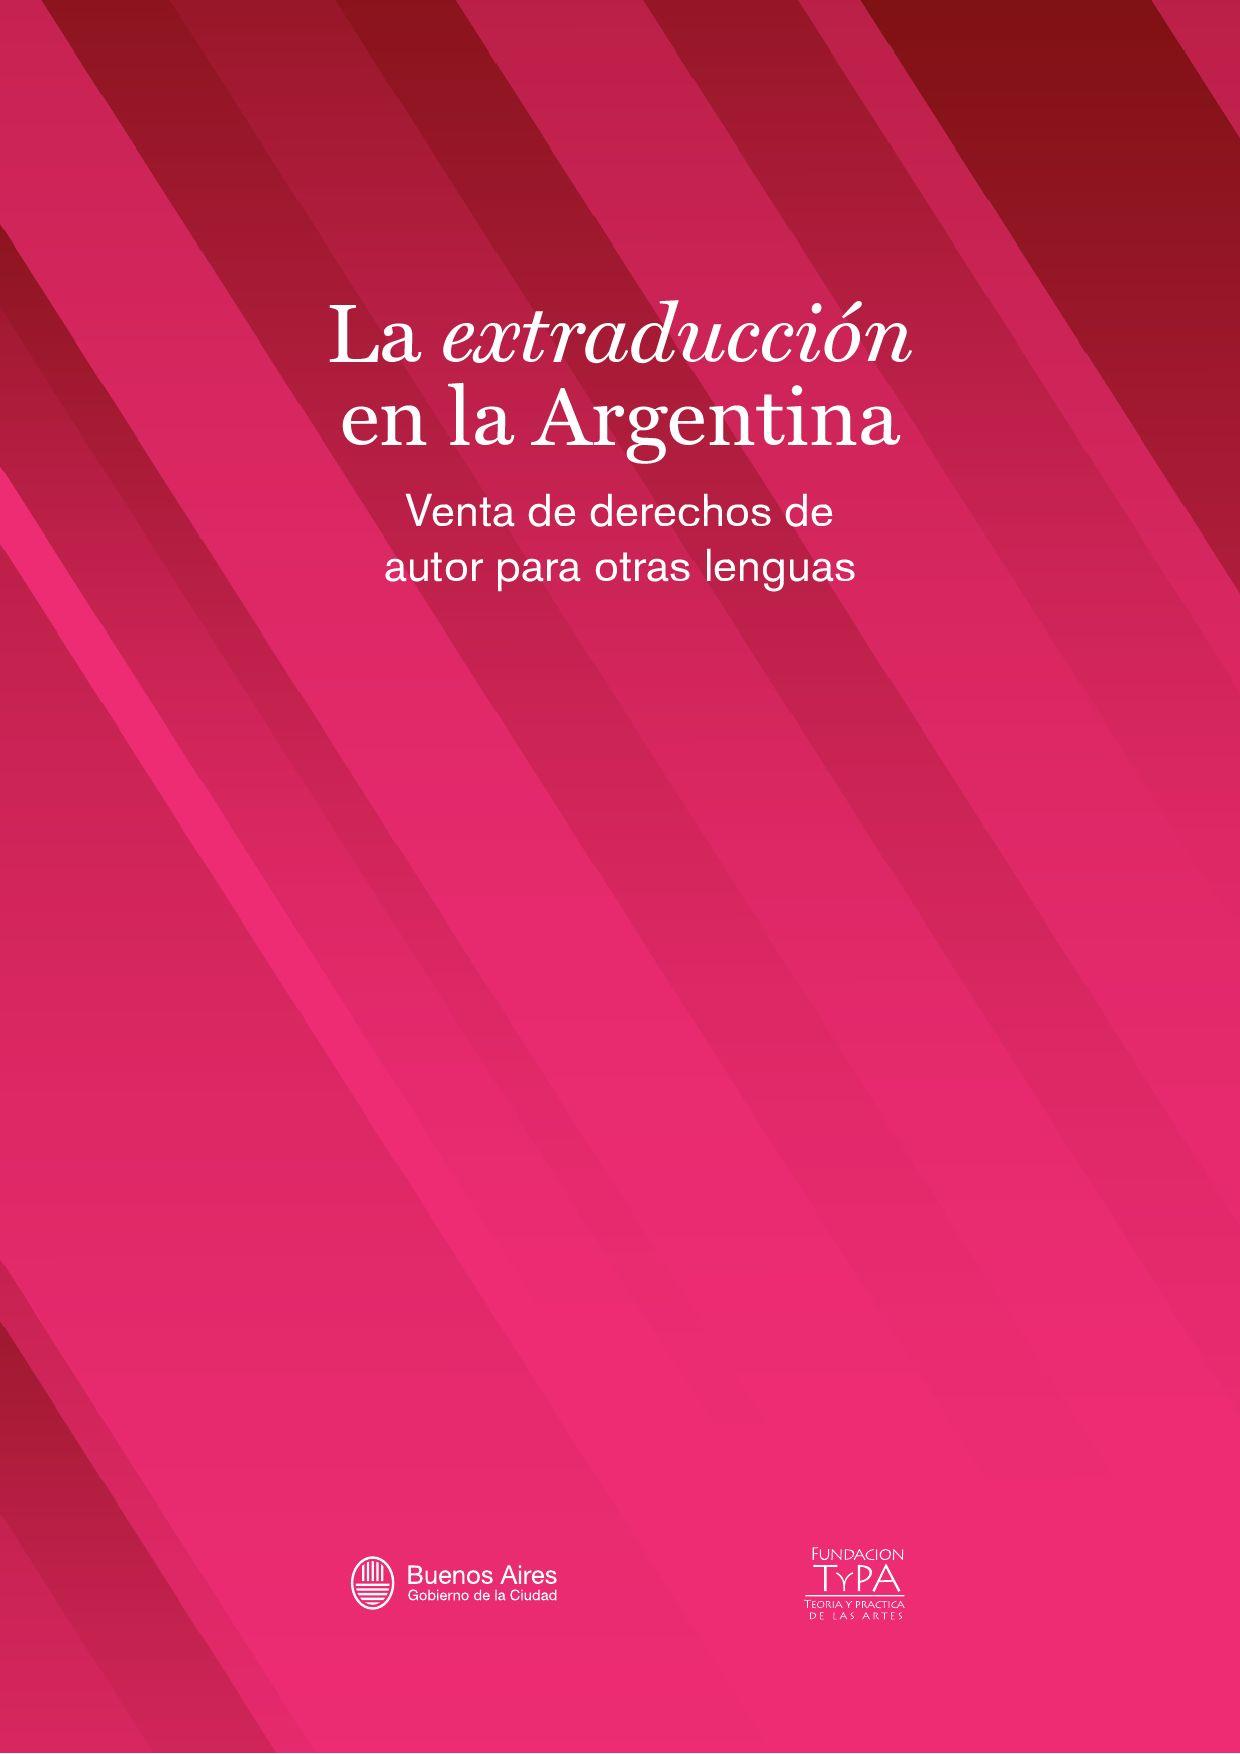 La extraducción de autores argentinos by Fundación TyPA - issuu